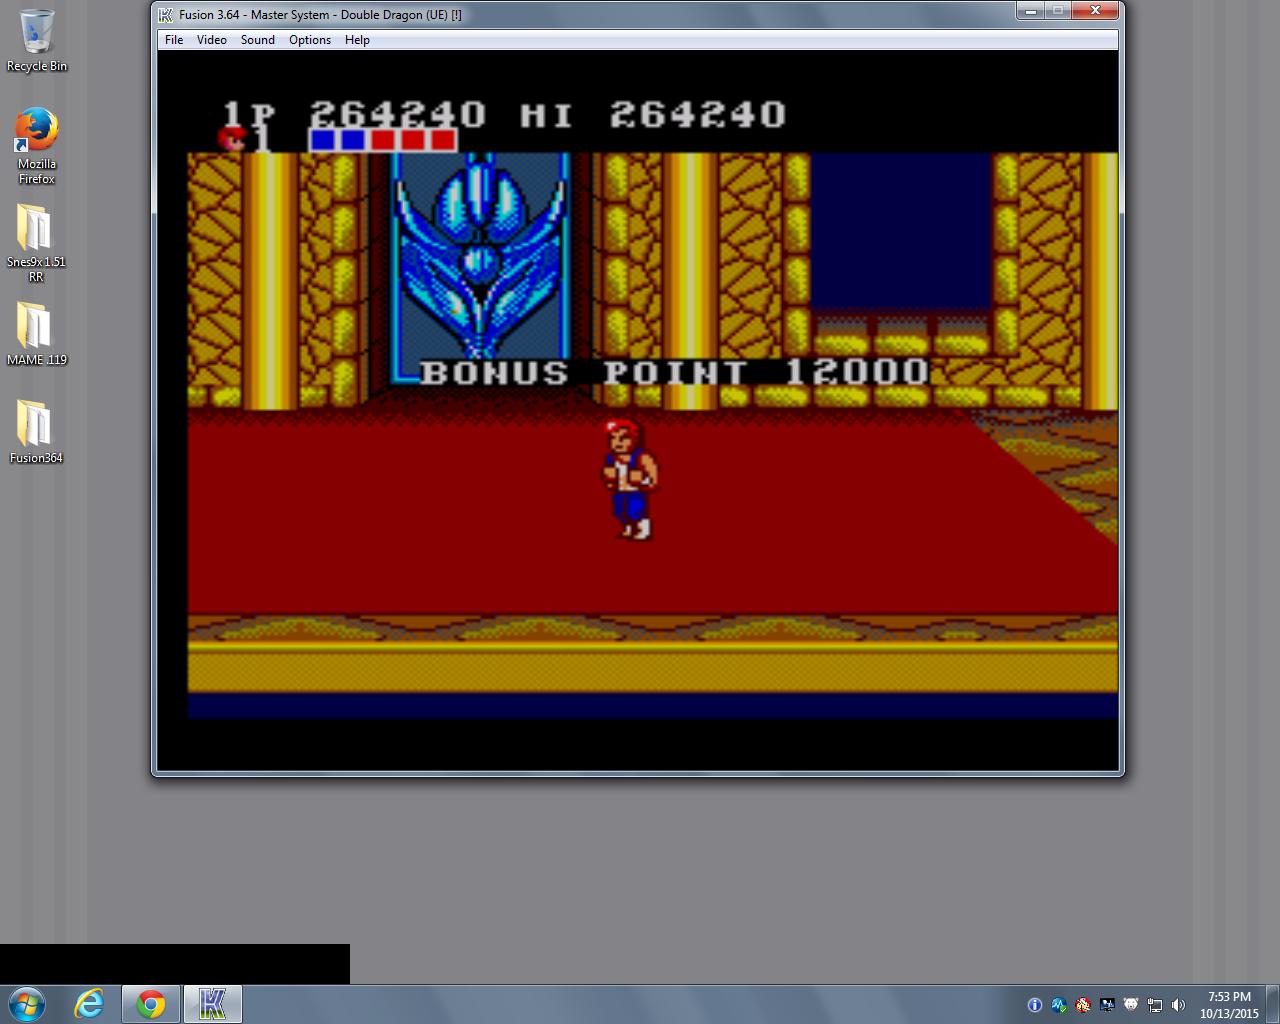 bubufubu: Double Dragon (Sega Master System Emulated) 264,240 points on 2015-10-13 22:09:57